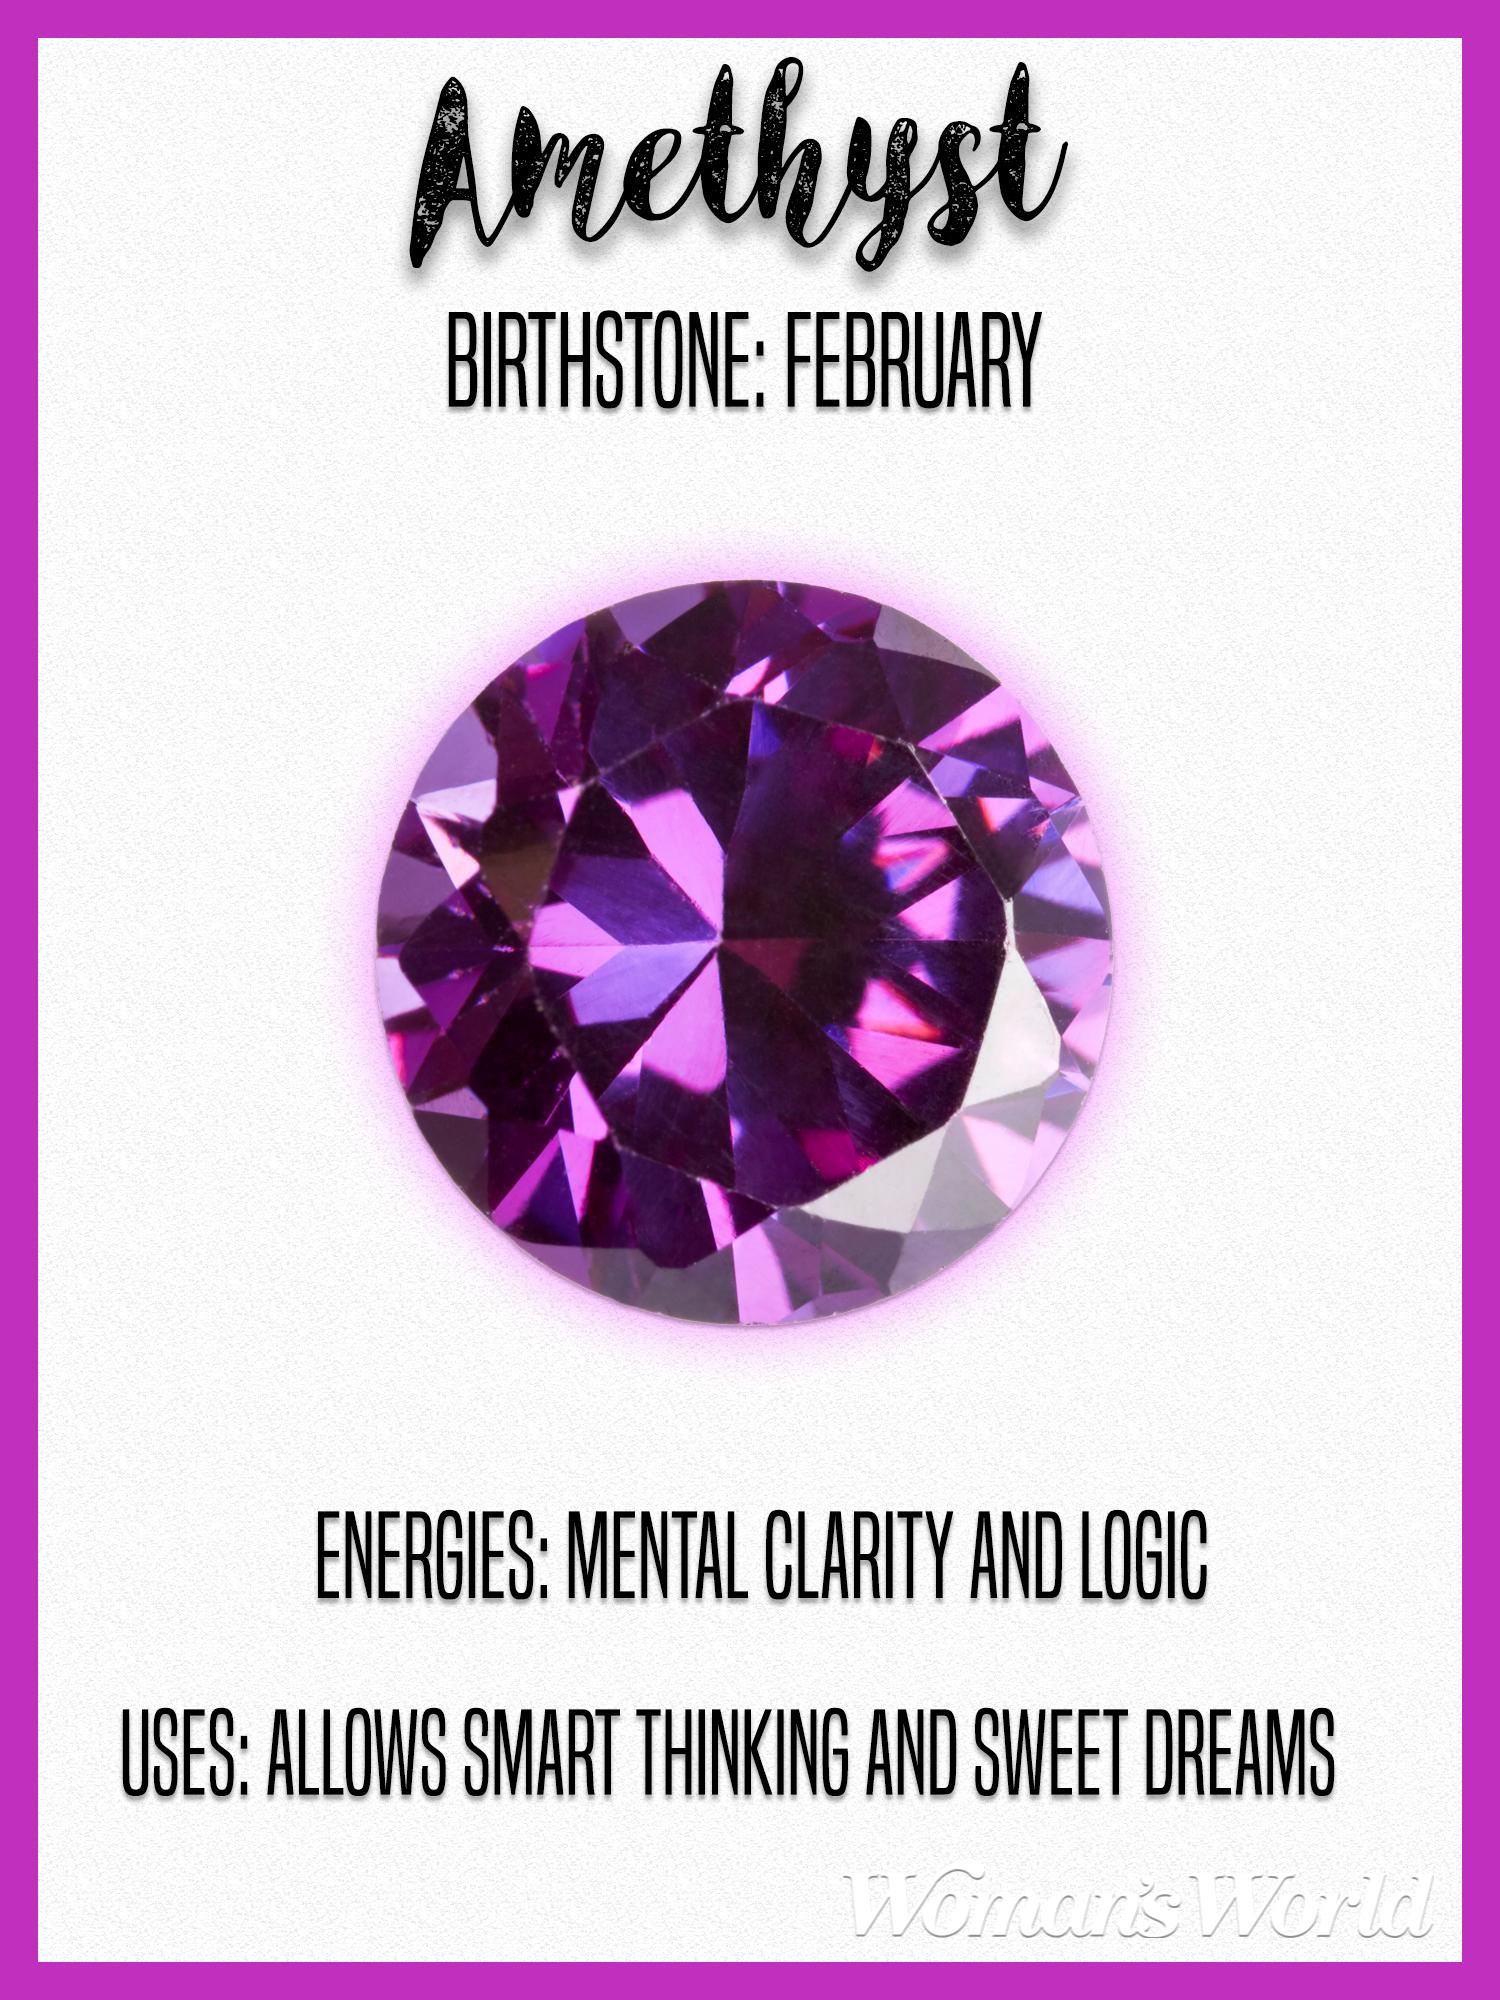 amethyst gemstone meaning